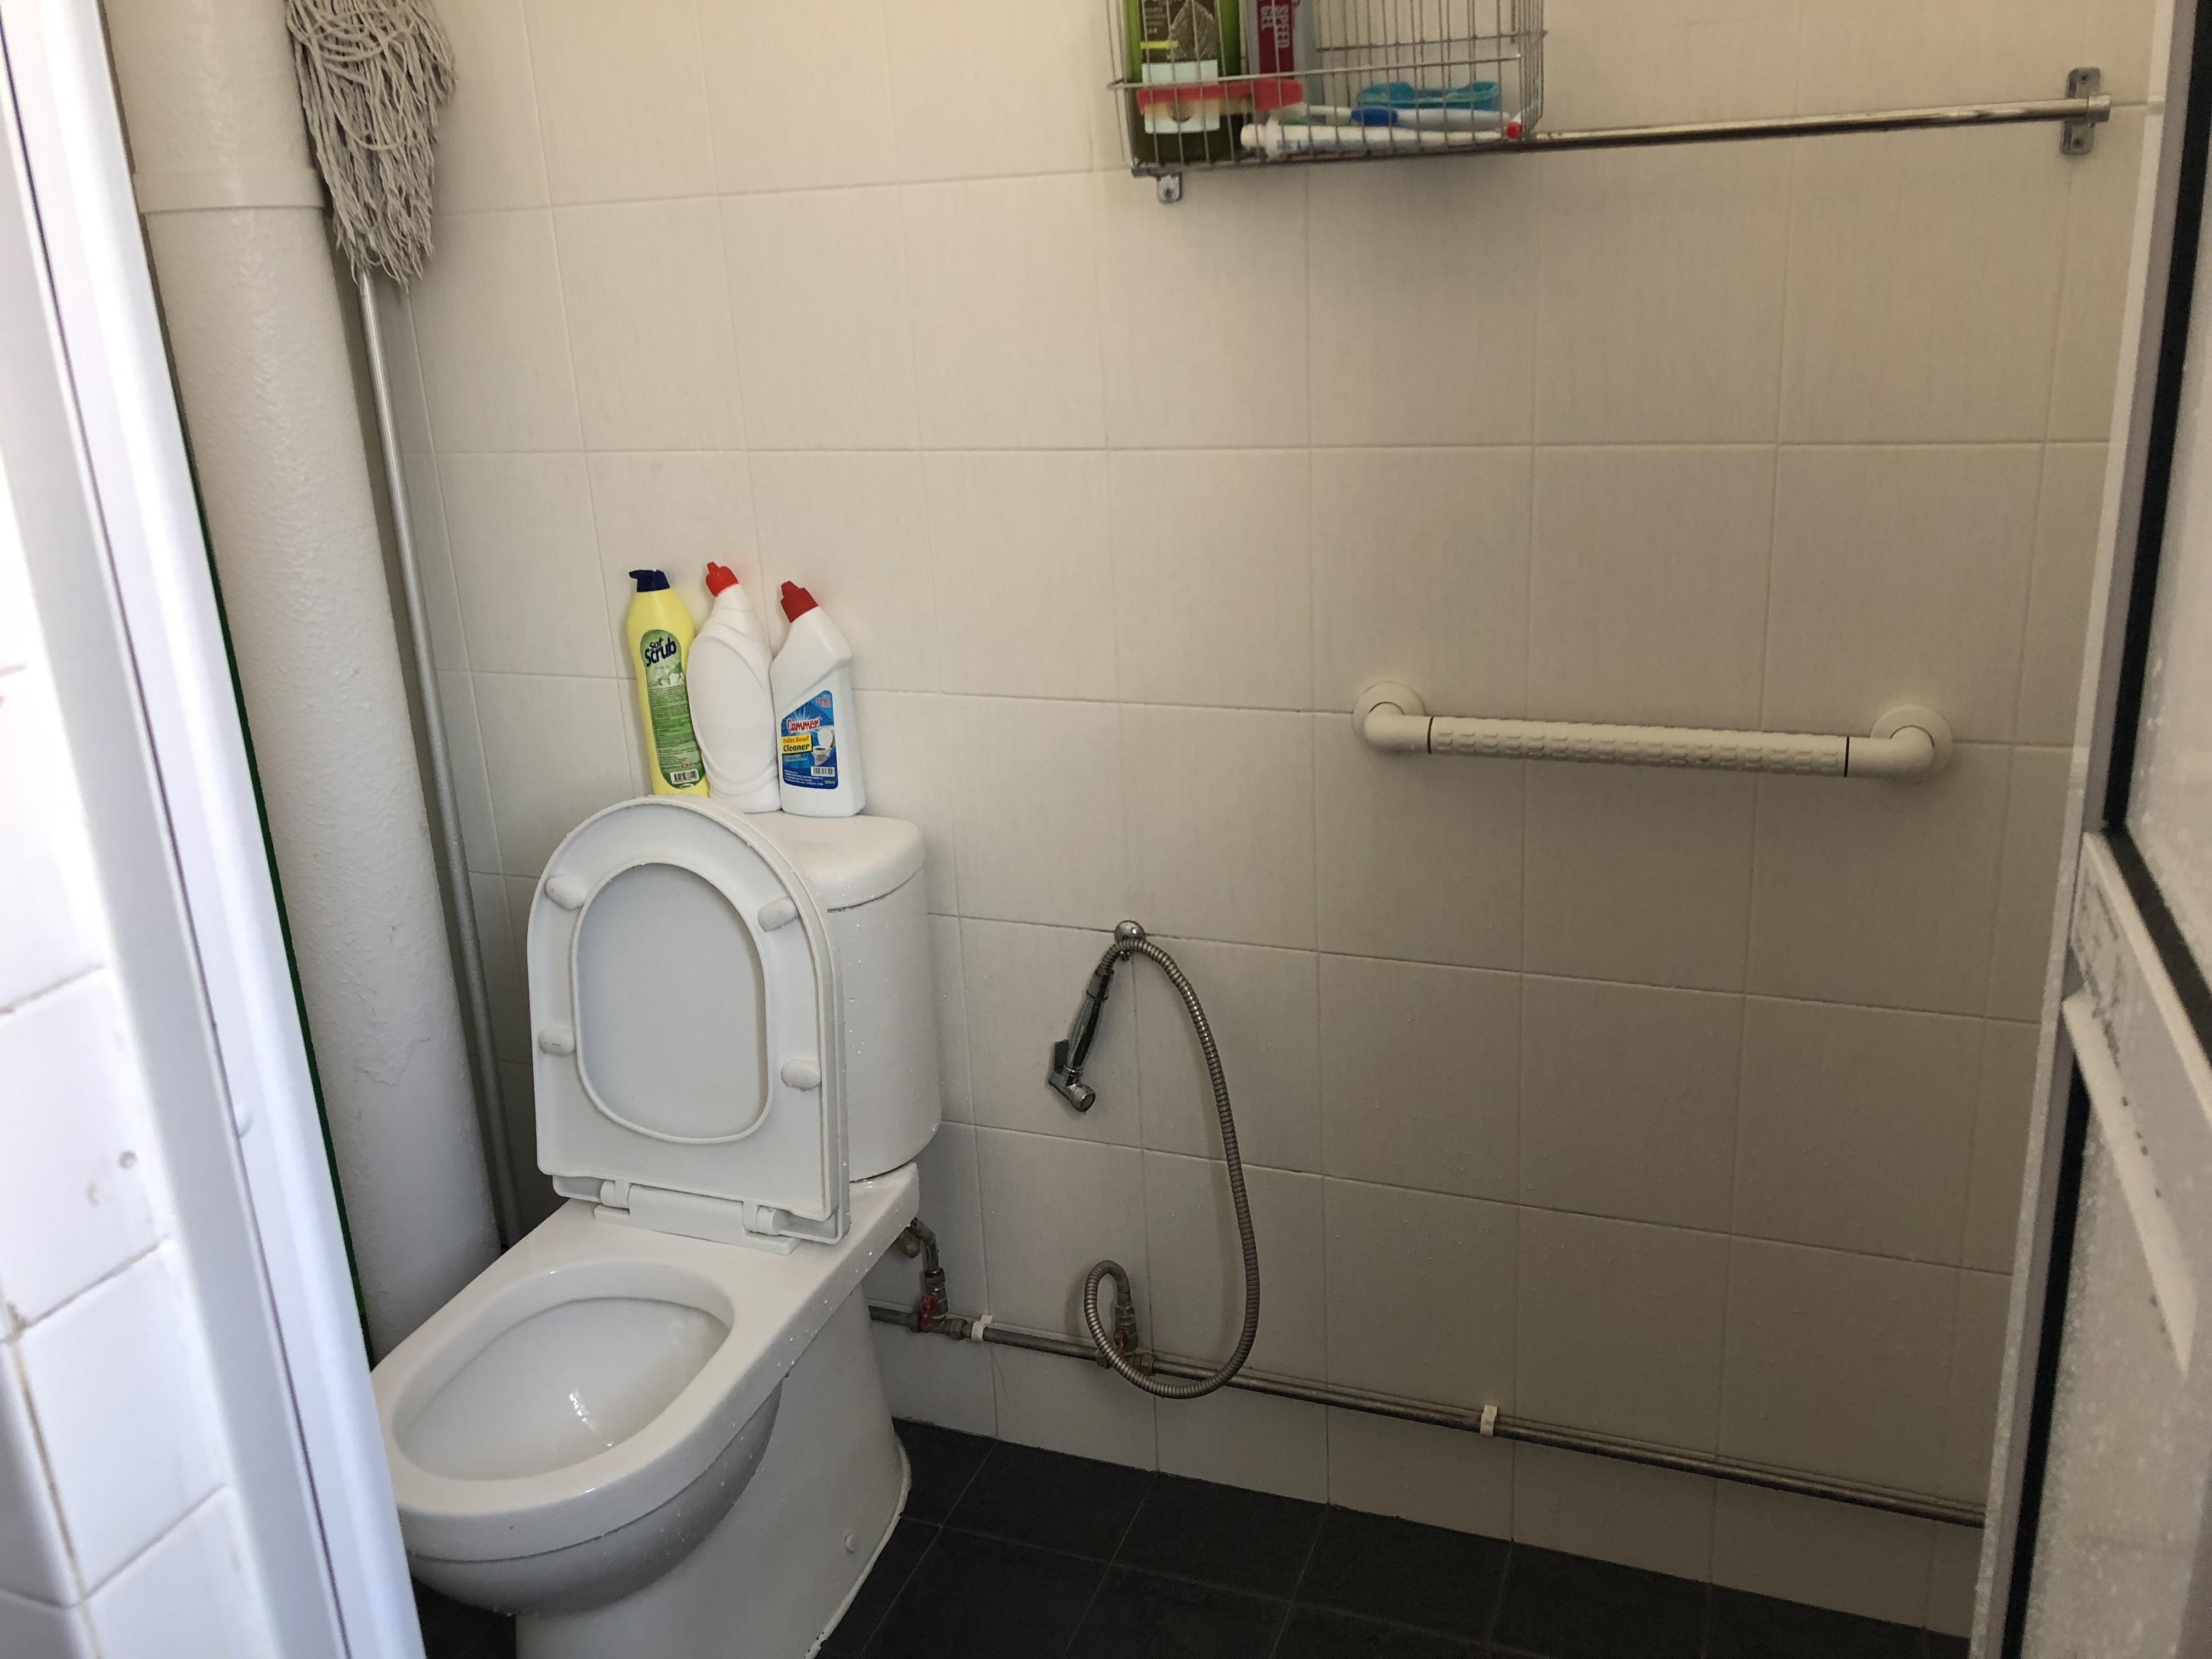 碧山组屋出租, 厕所照片